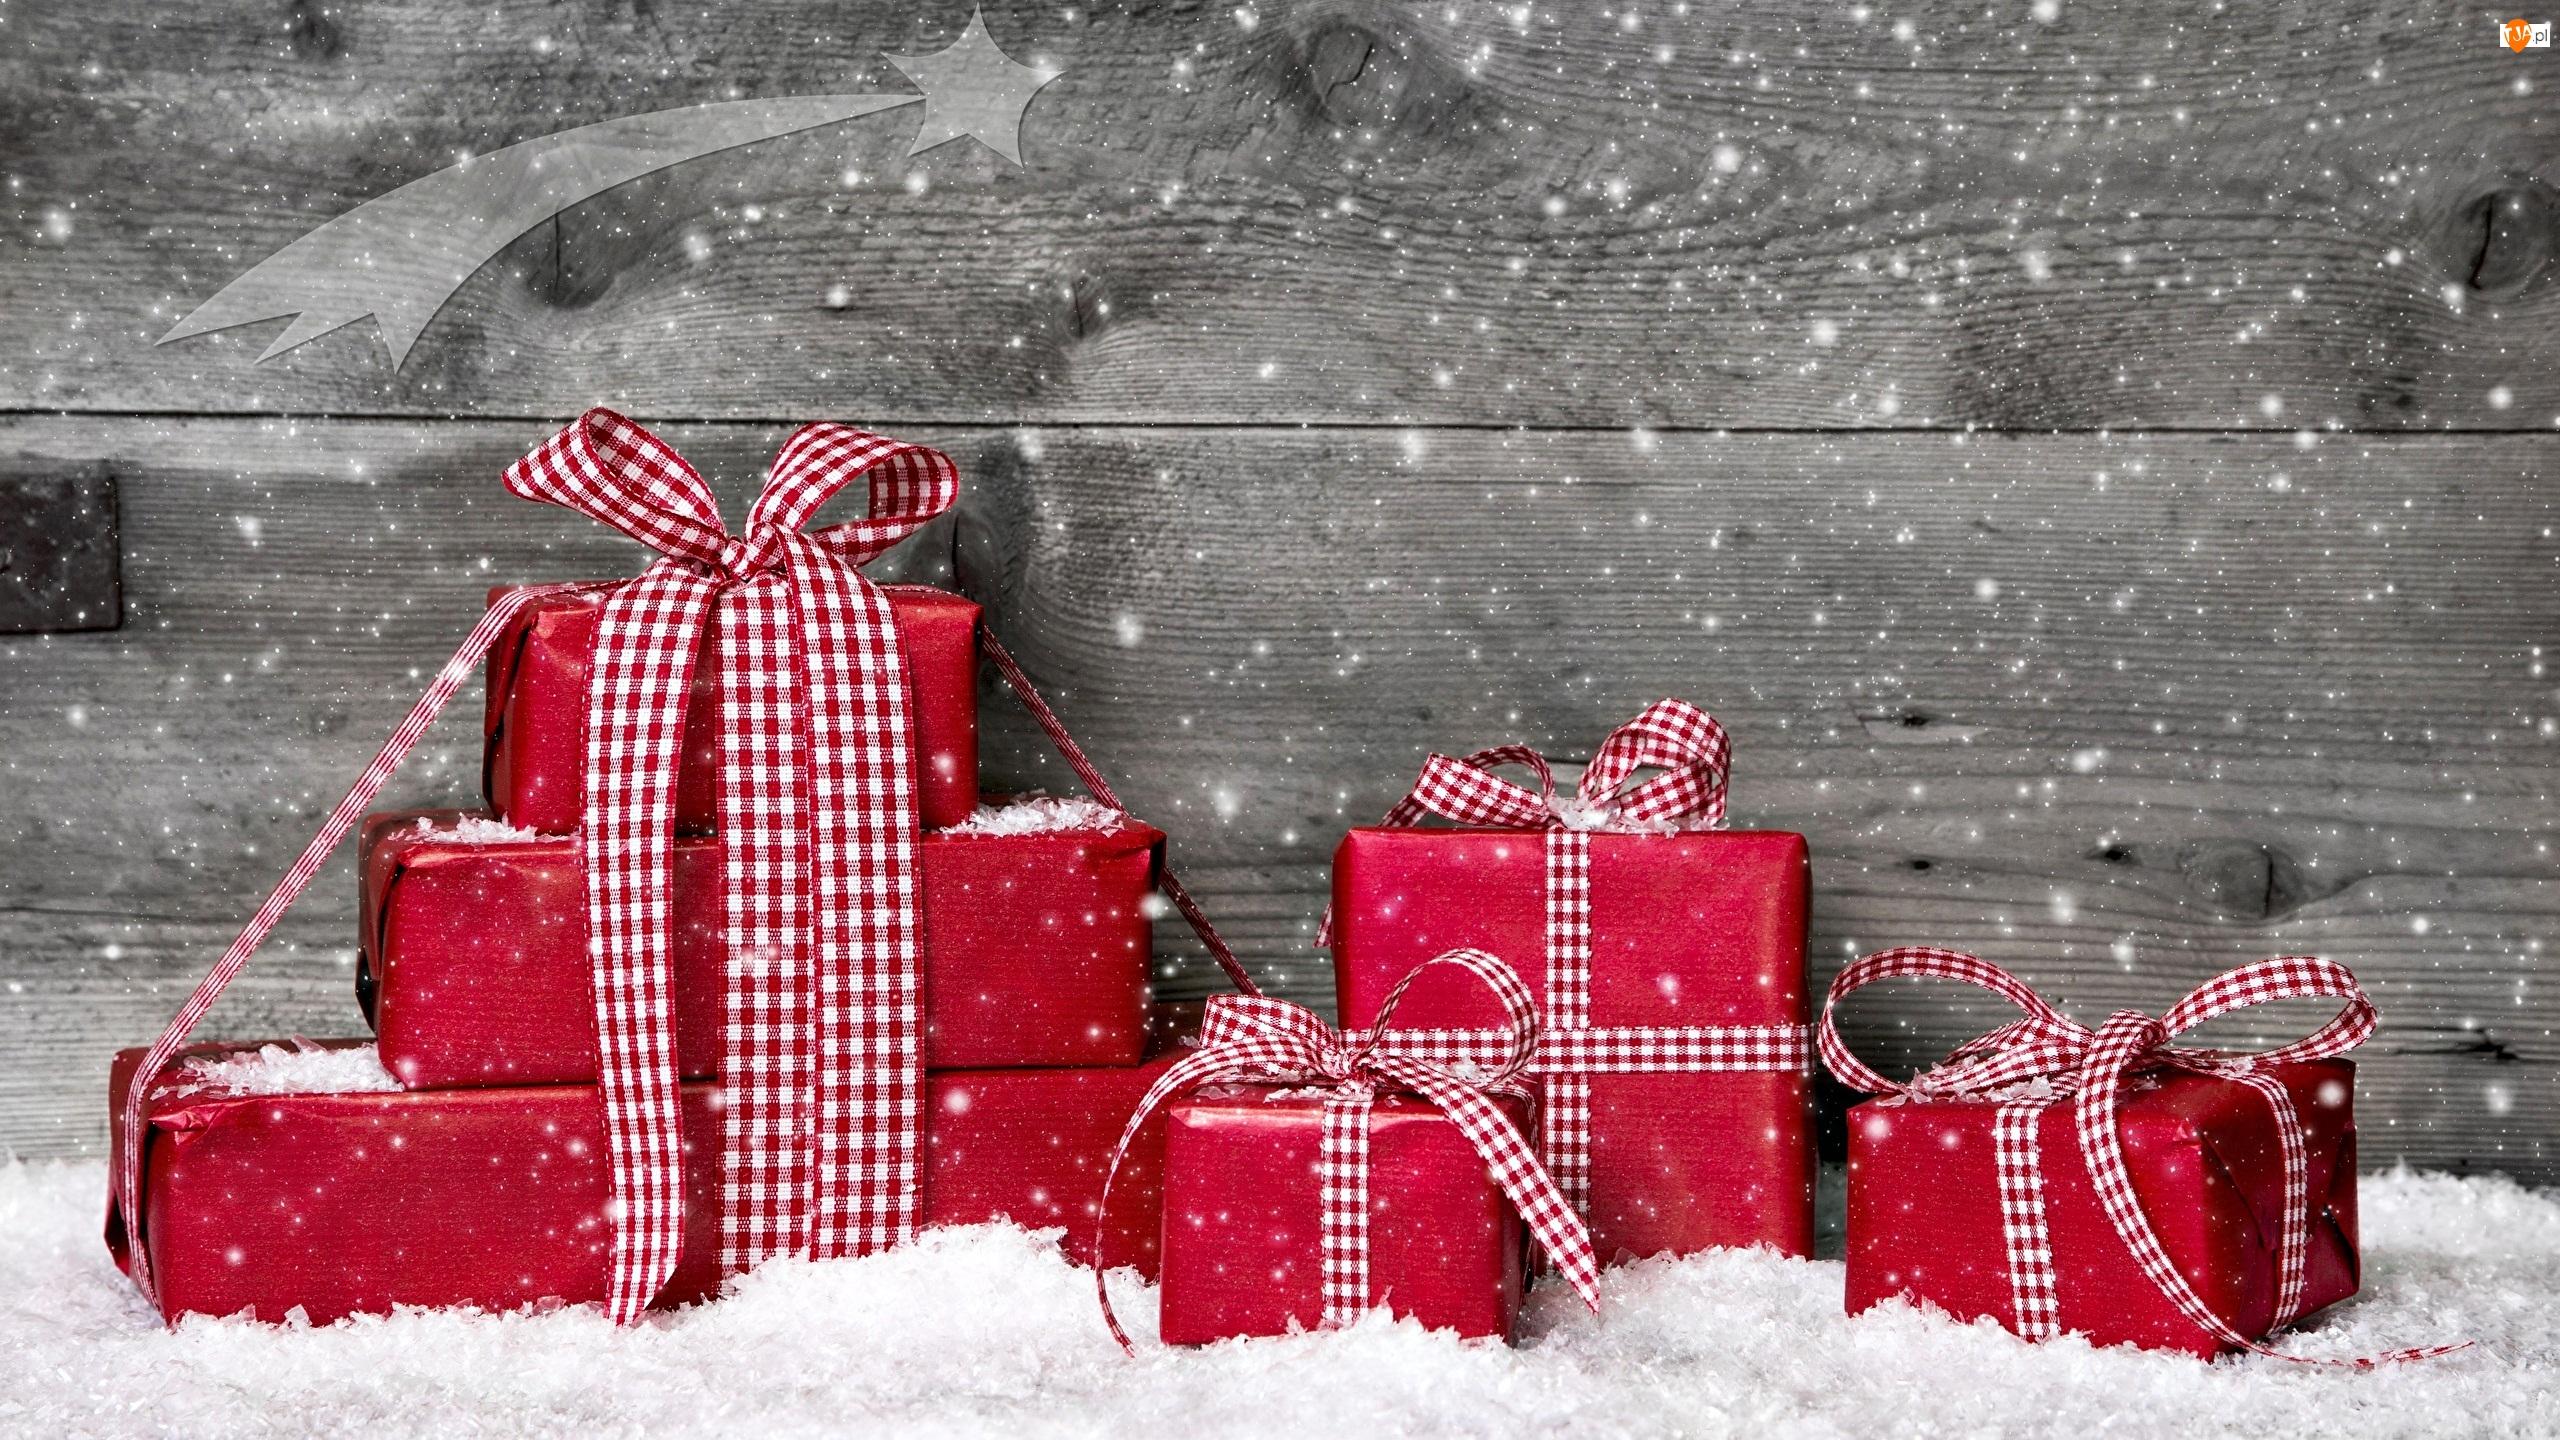 Czerwone, Śnieg, Prezenty, Świąteczne, Opakowanie